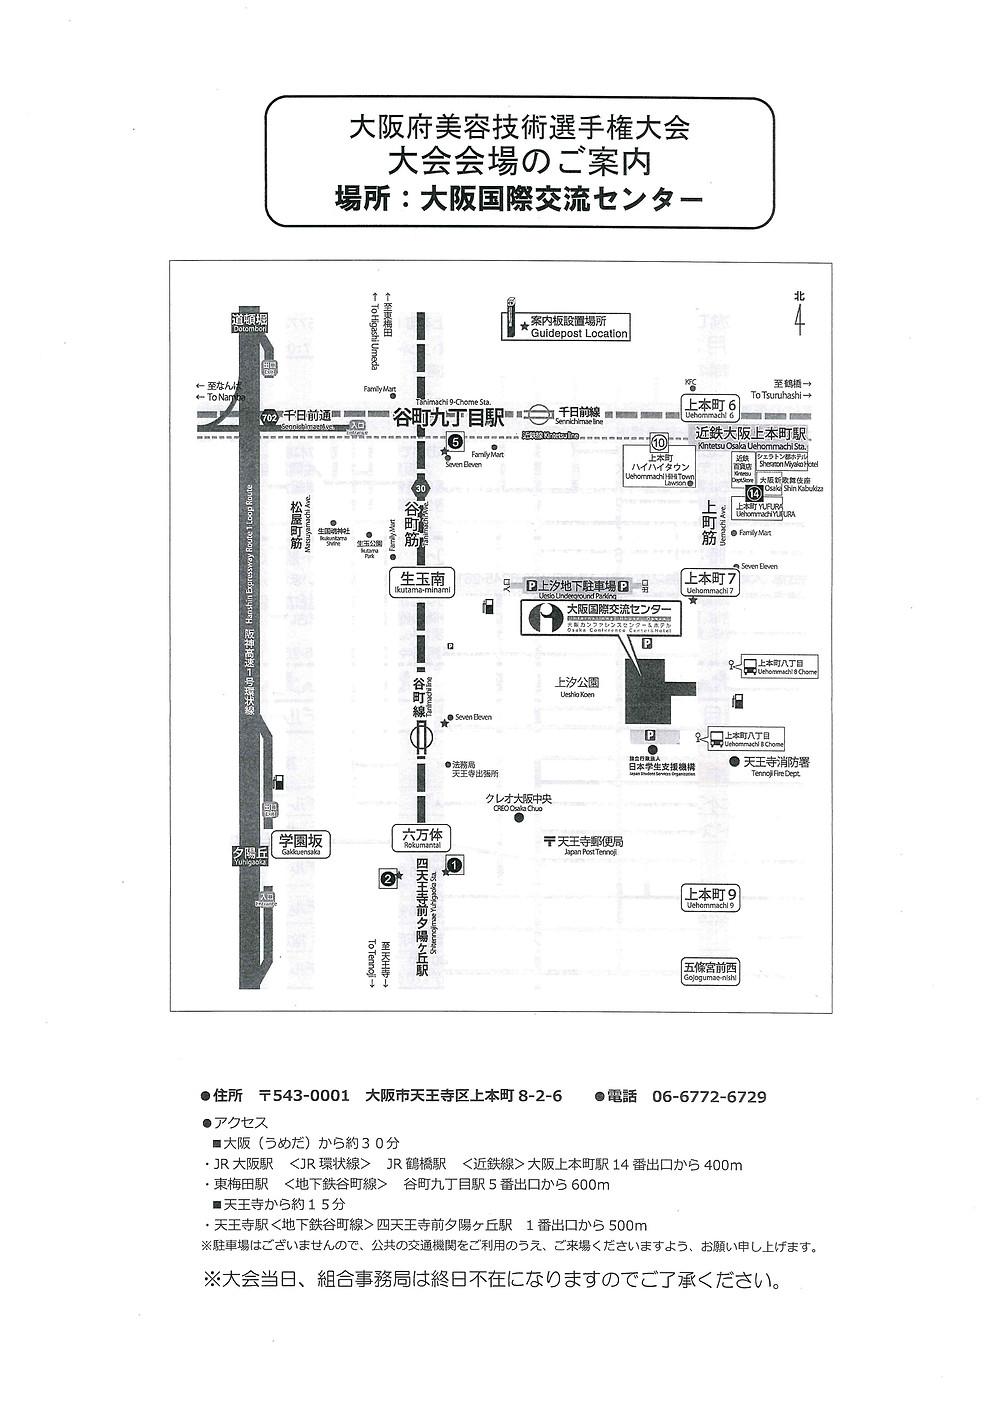 大阪府美容技術選手権大会